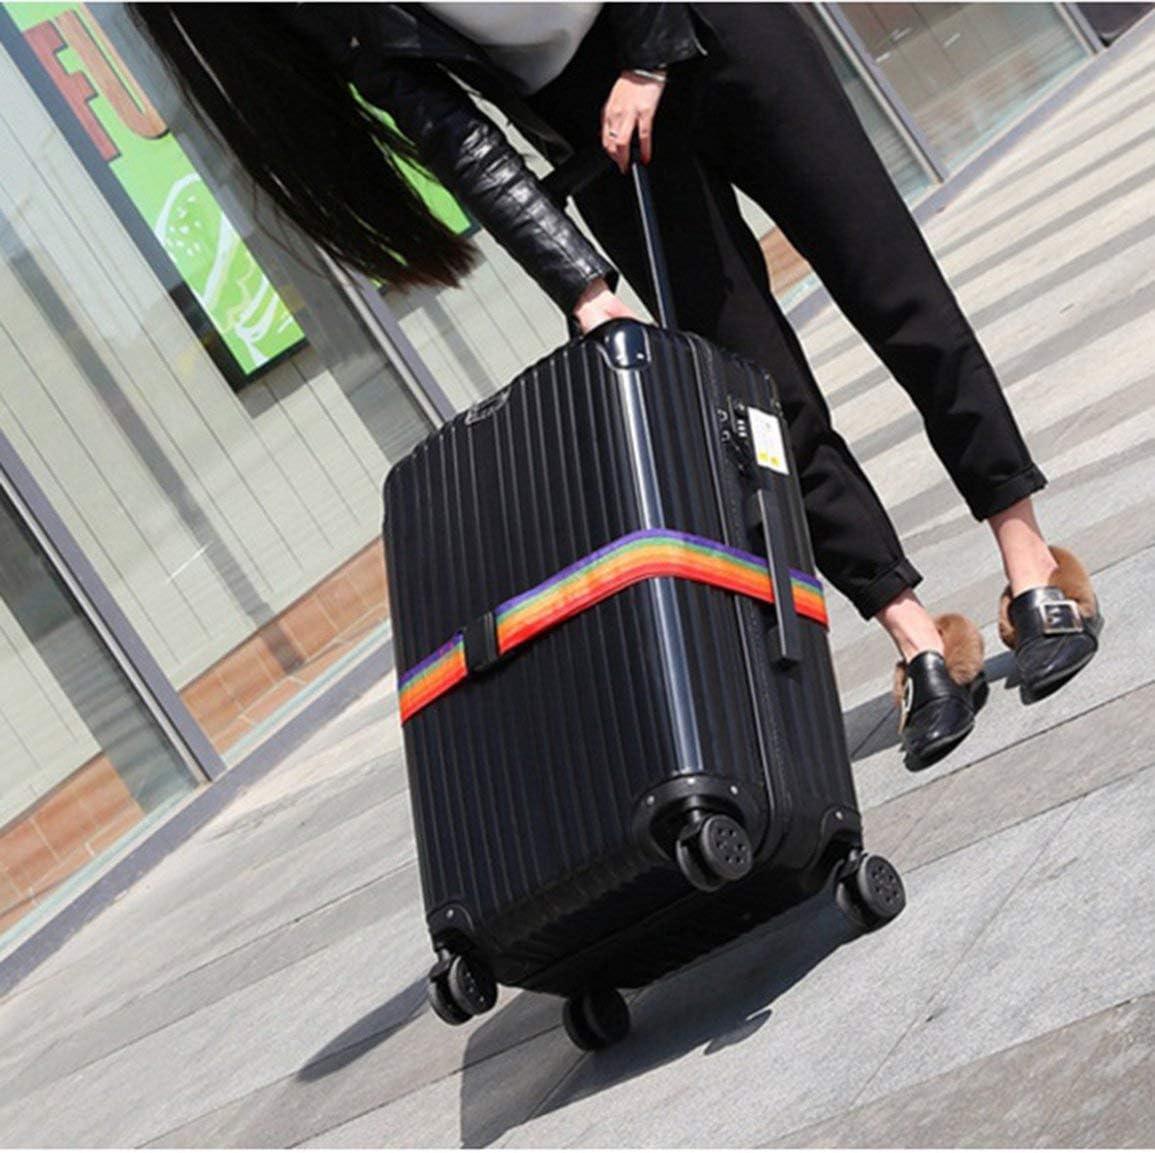 Garciadia Praktische tragbare Gr/ö/ße Outdoor-Reise-Gep/äckgurt Packgurt Koffer Binden Sicherheit Sicherheitsgurt Farbe: bunt